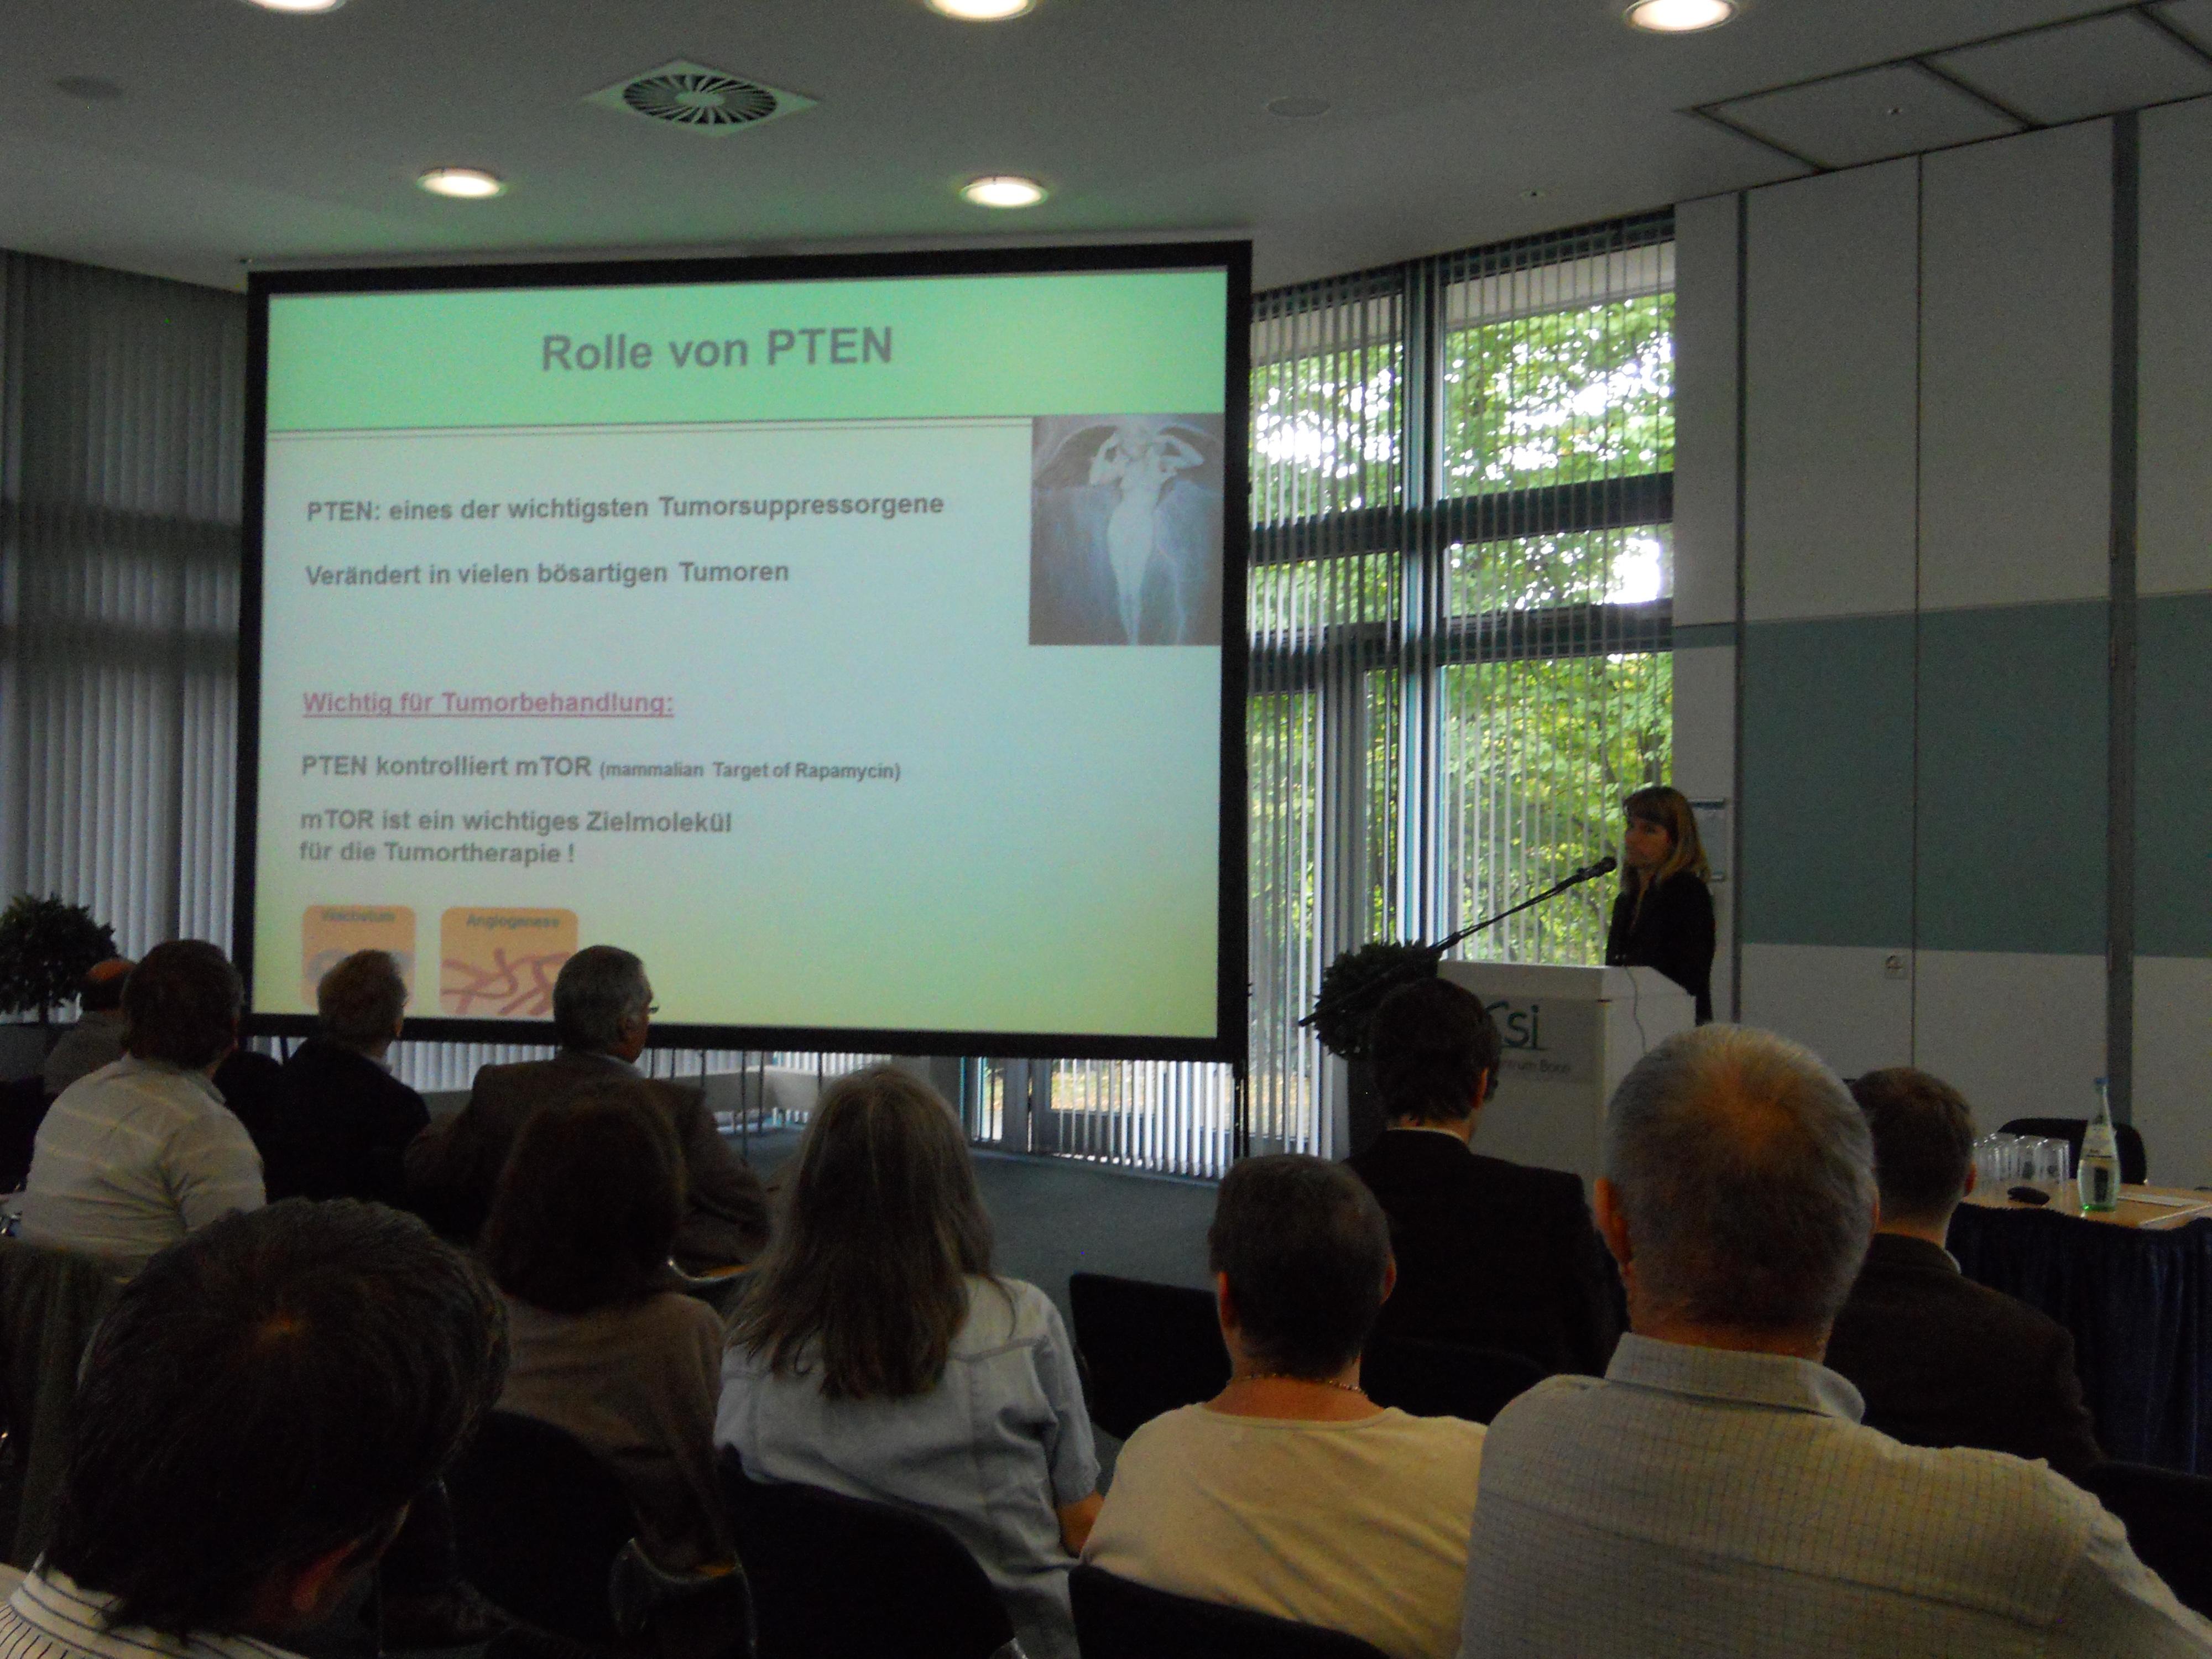 Nicola Holtkamp - Neue therapeutische Ansätze für Tumore bei NF1